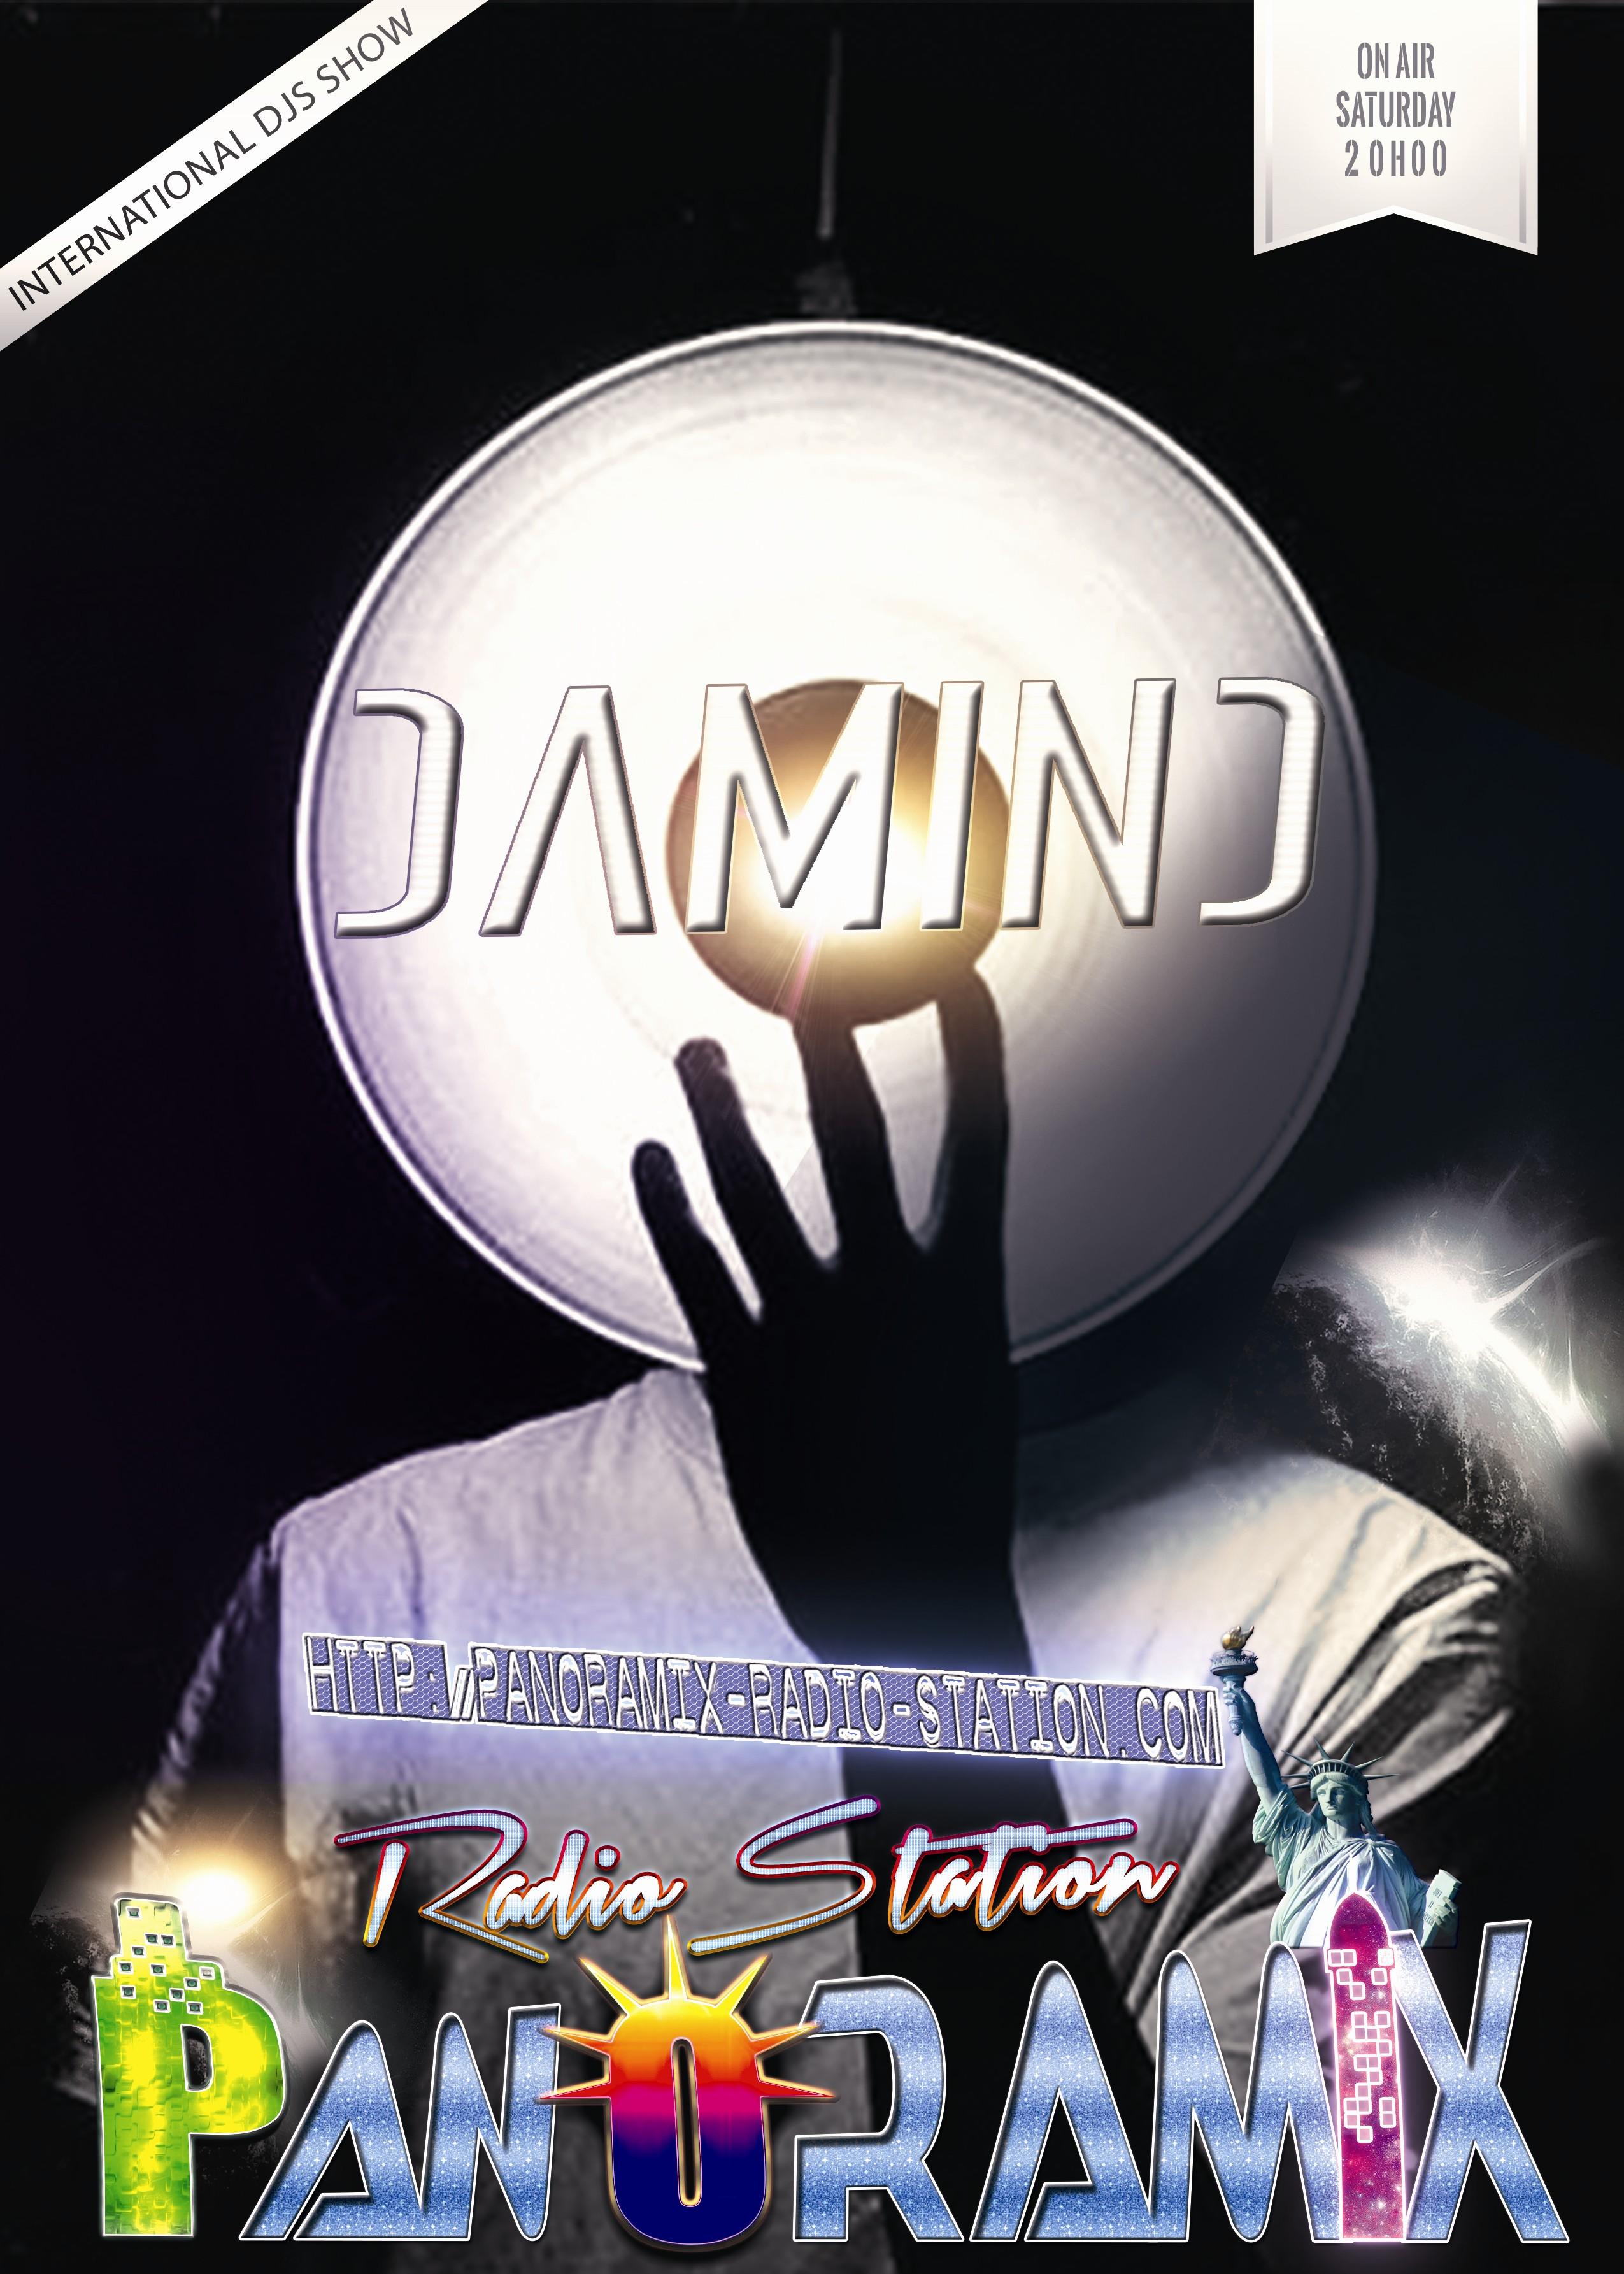 http://panoramix-radio-station.com/wp-content/uploads/2018/04/DAMIND-AFFICHE-panoramix-radio-.jpg